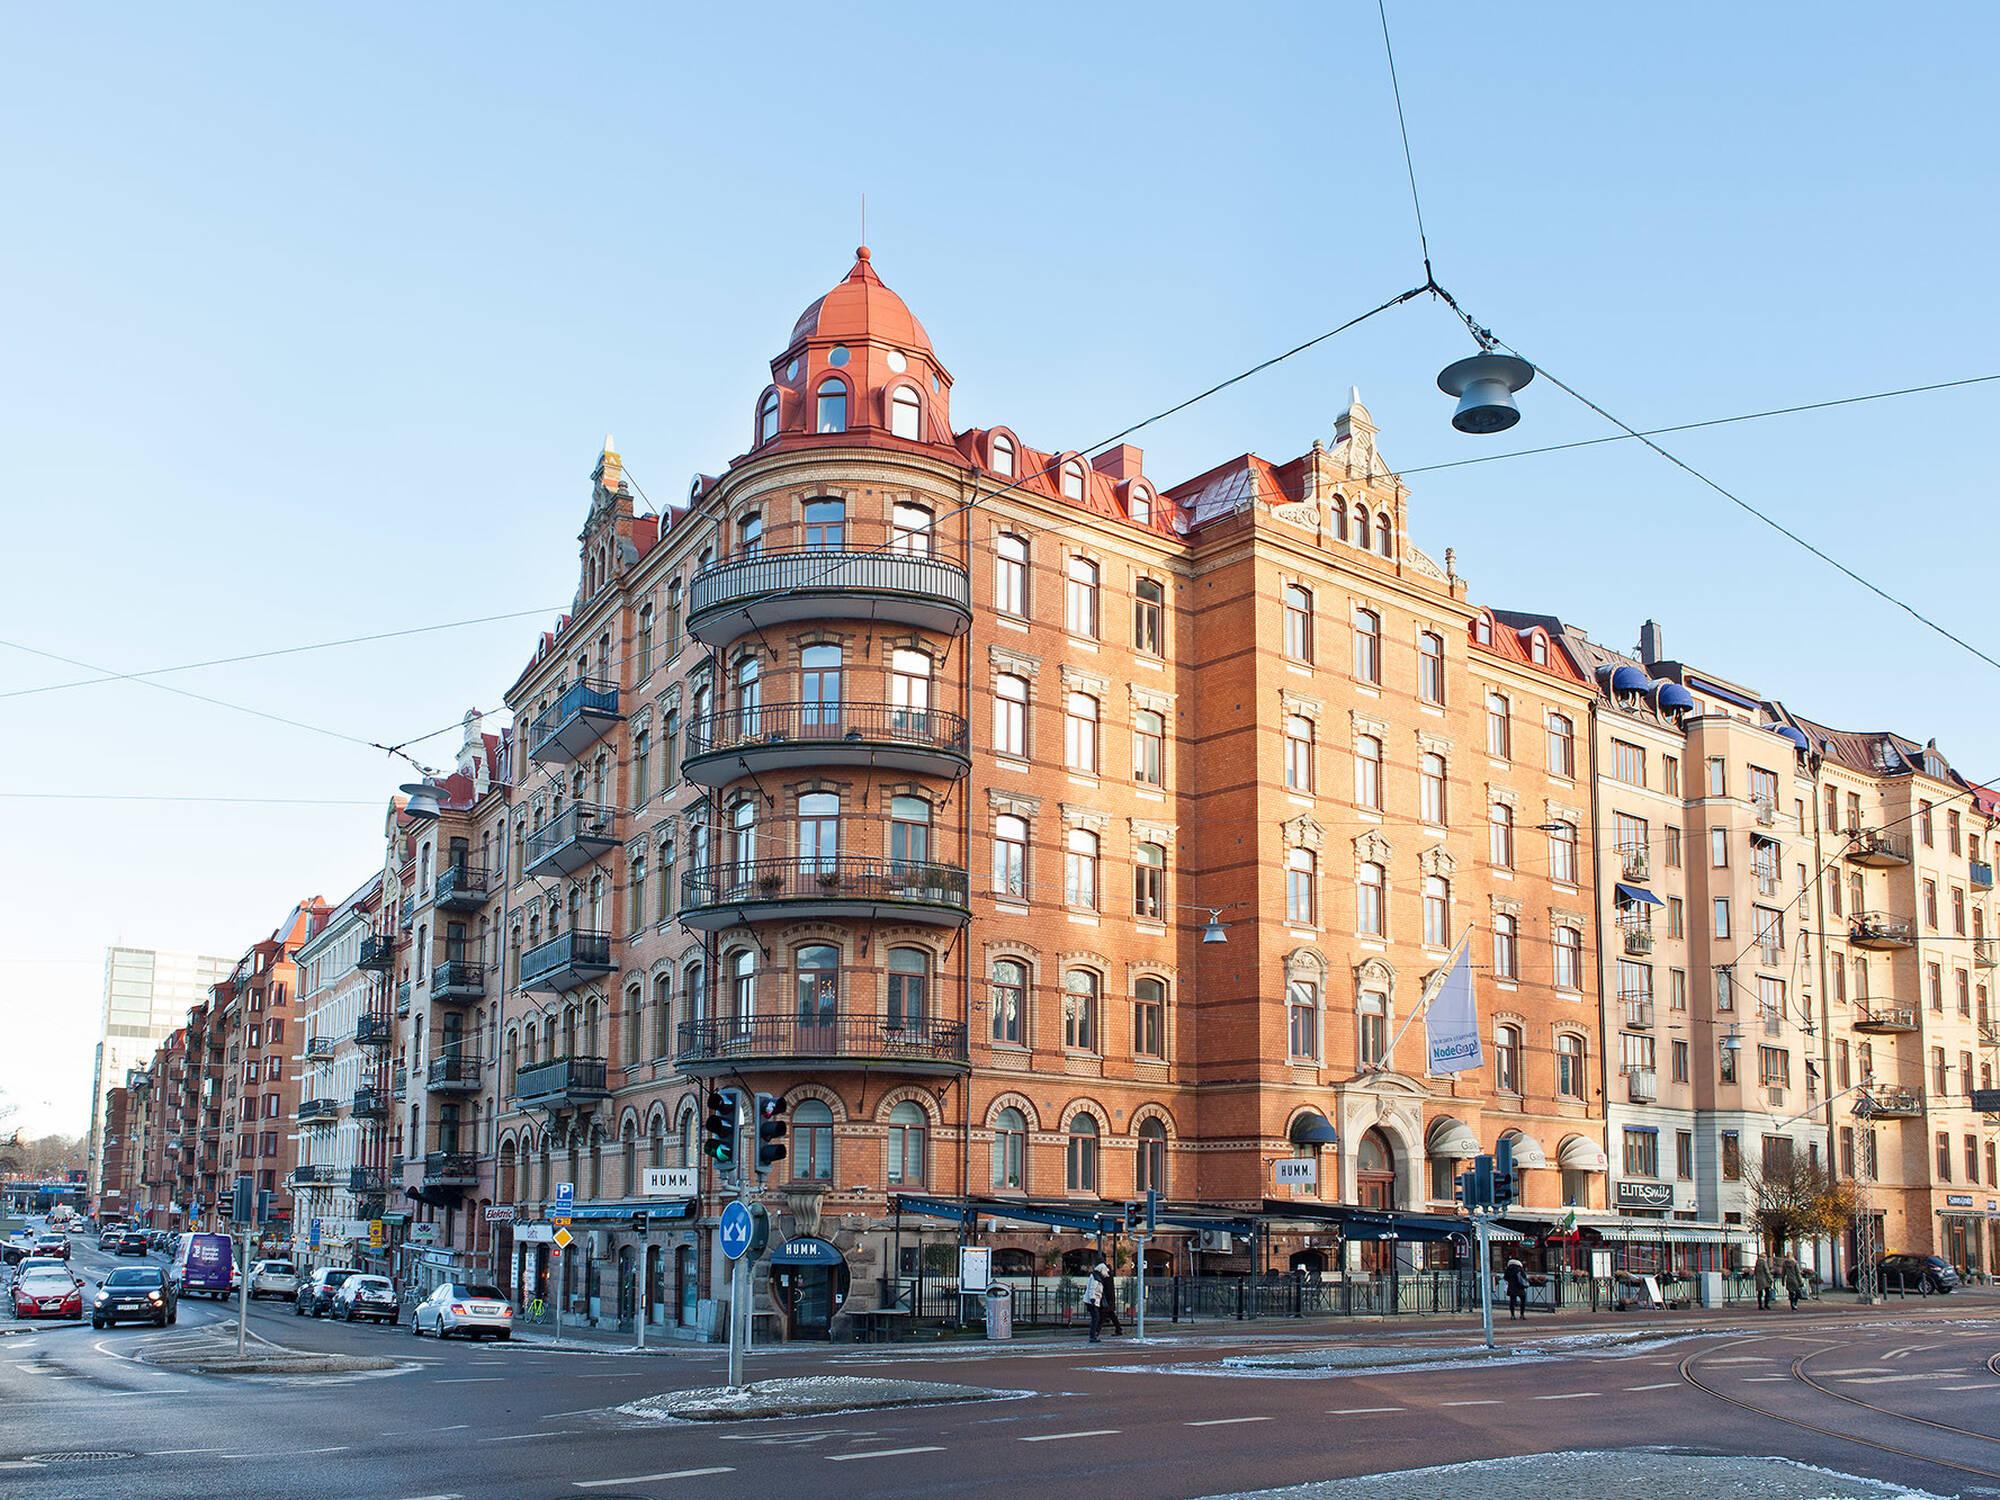 Heden Bastad Karta.Sodra Vagen 2 Maklare I Stockholm Goteborg Malmo Och Bastad